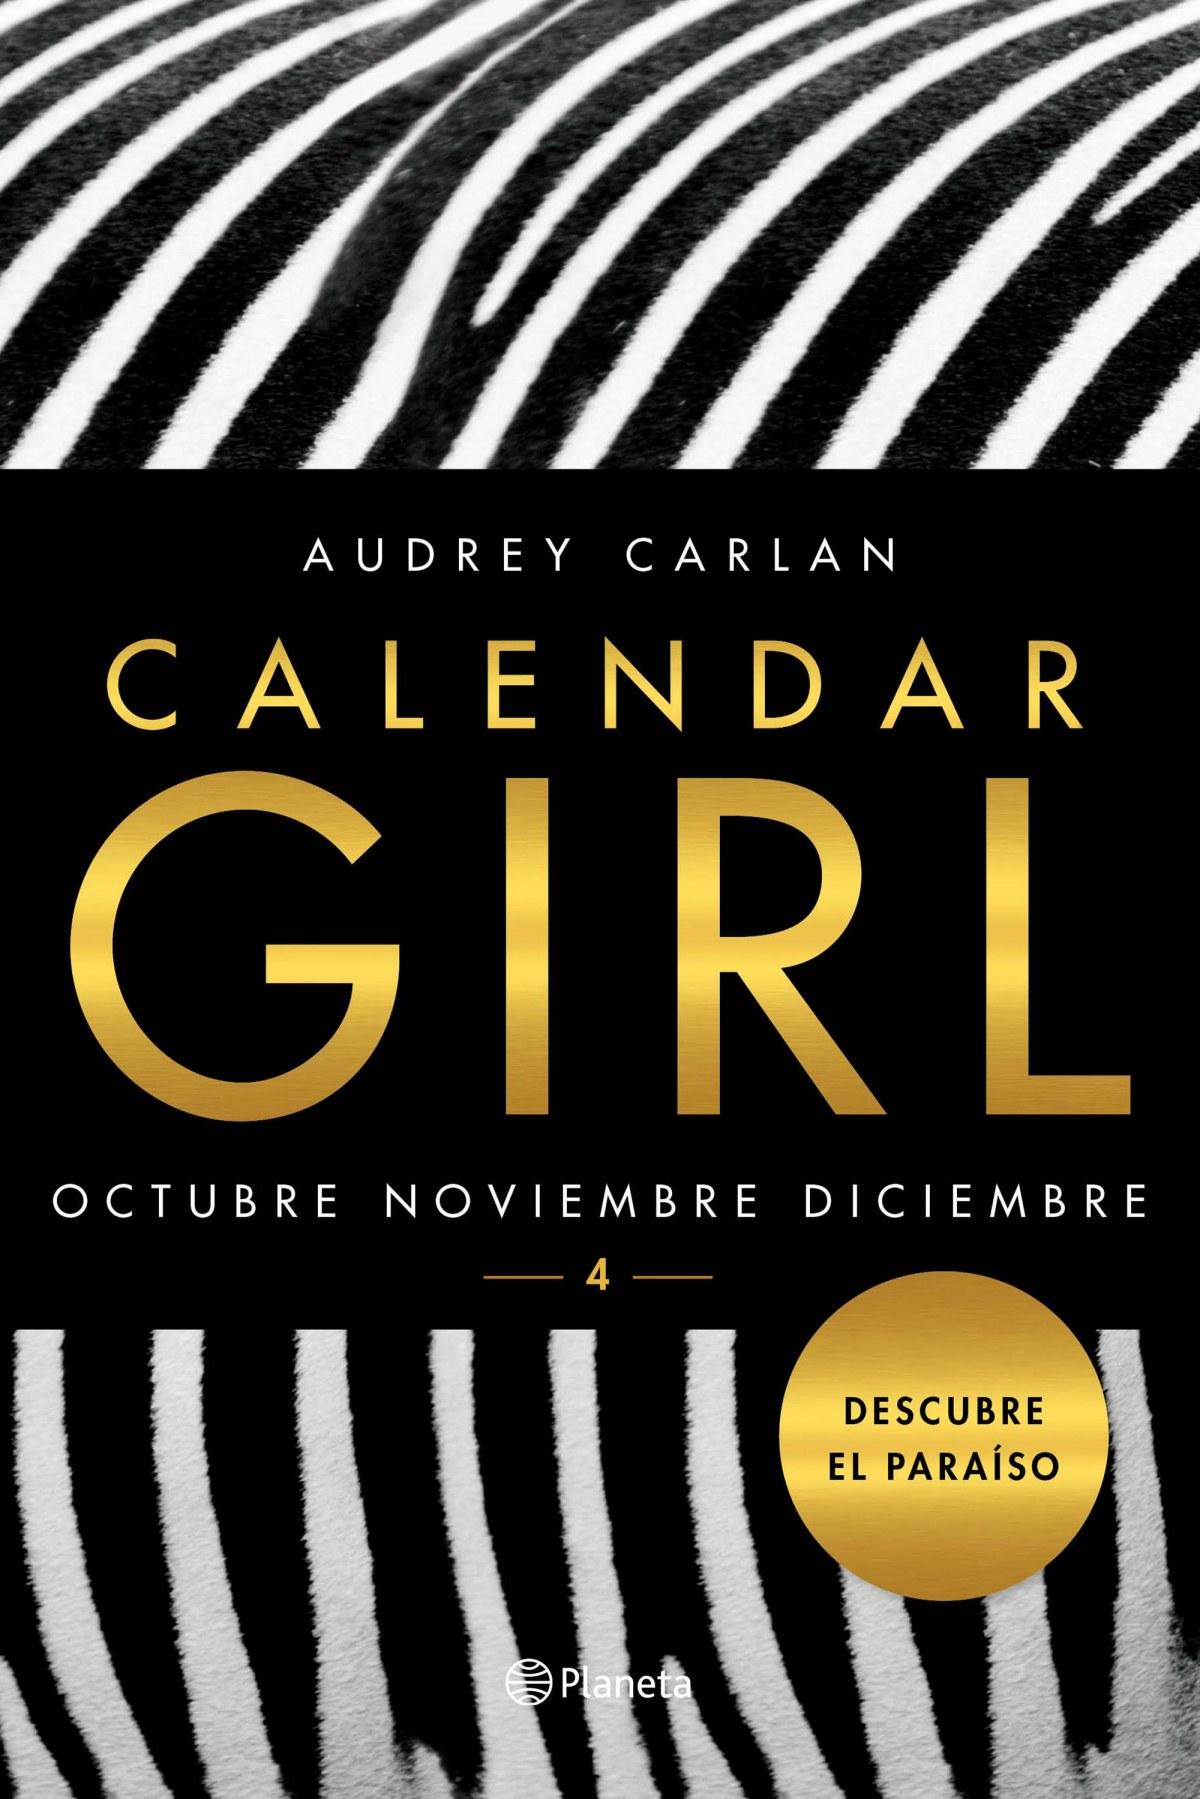 CALENDAR GIRL 4: OCTUBRE NOVIEMBRE DICIEMBRE